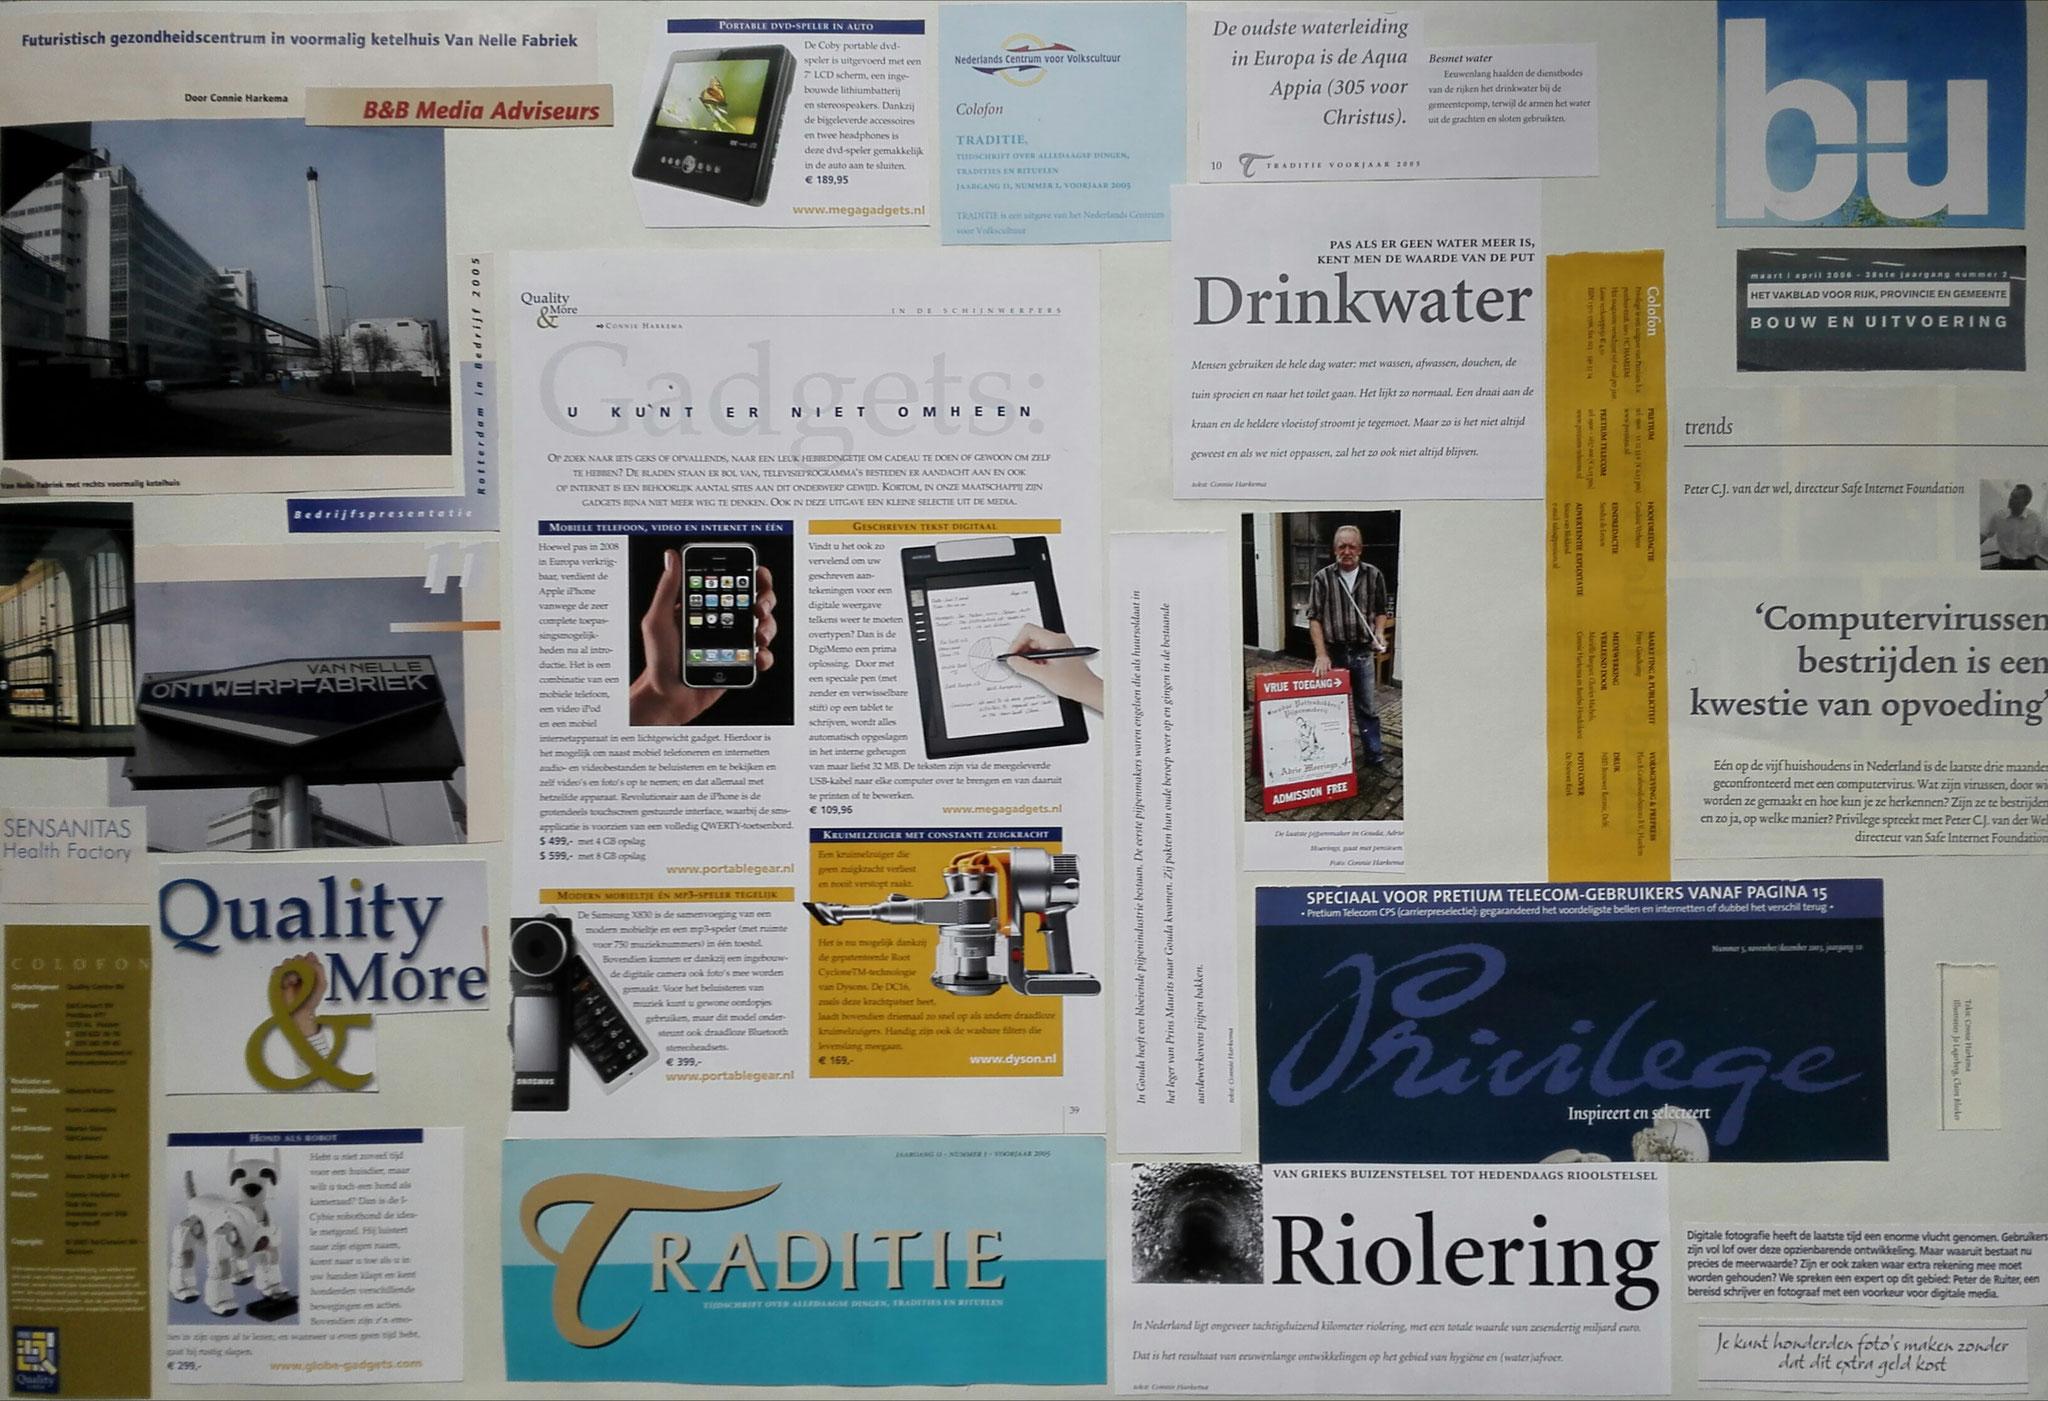 een samenstelling van stukjes tekst uit:  Bouw in Uitvoering,  Privilege,  Quality & More,  Rotterdam in Bedrijf en Traditie. De bijbehorende haiku luidt als volgt: Tradities en trends - Ontwerpen en vooruitgaan - Computervirus